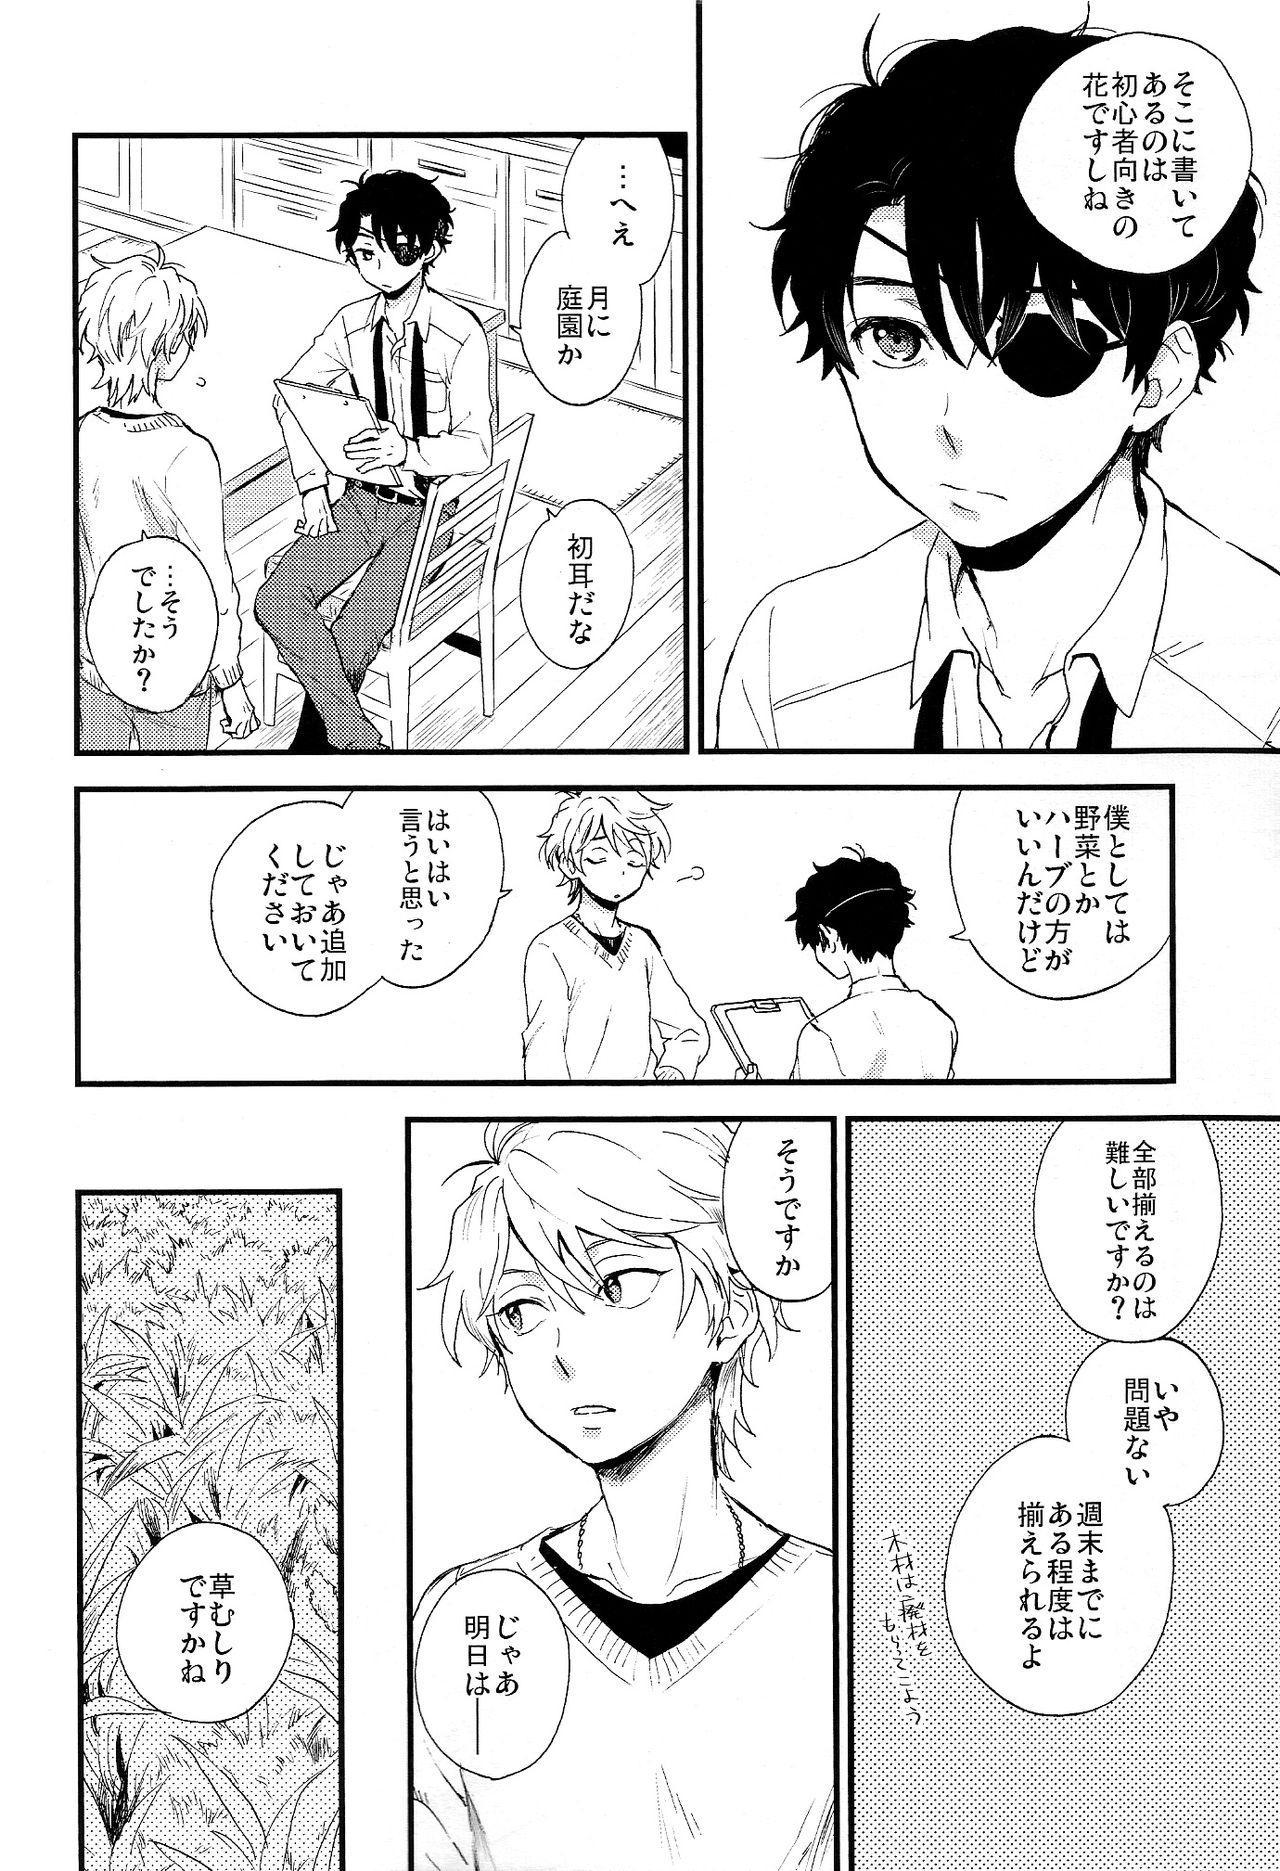 Hakoniwa Life 17